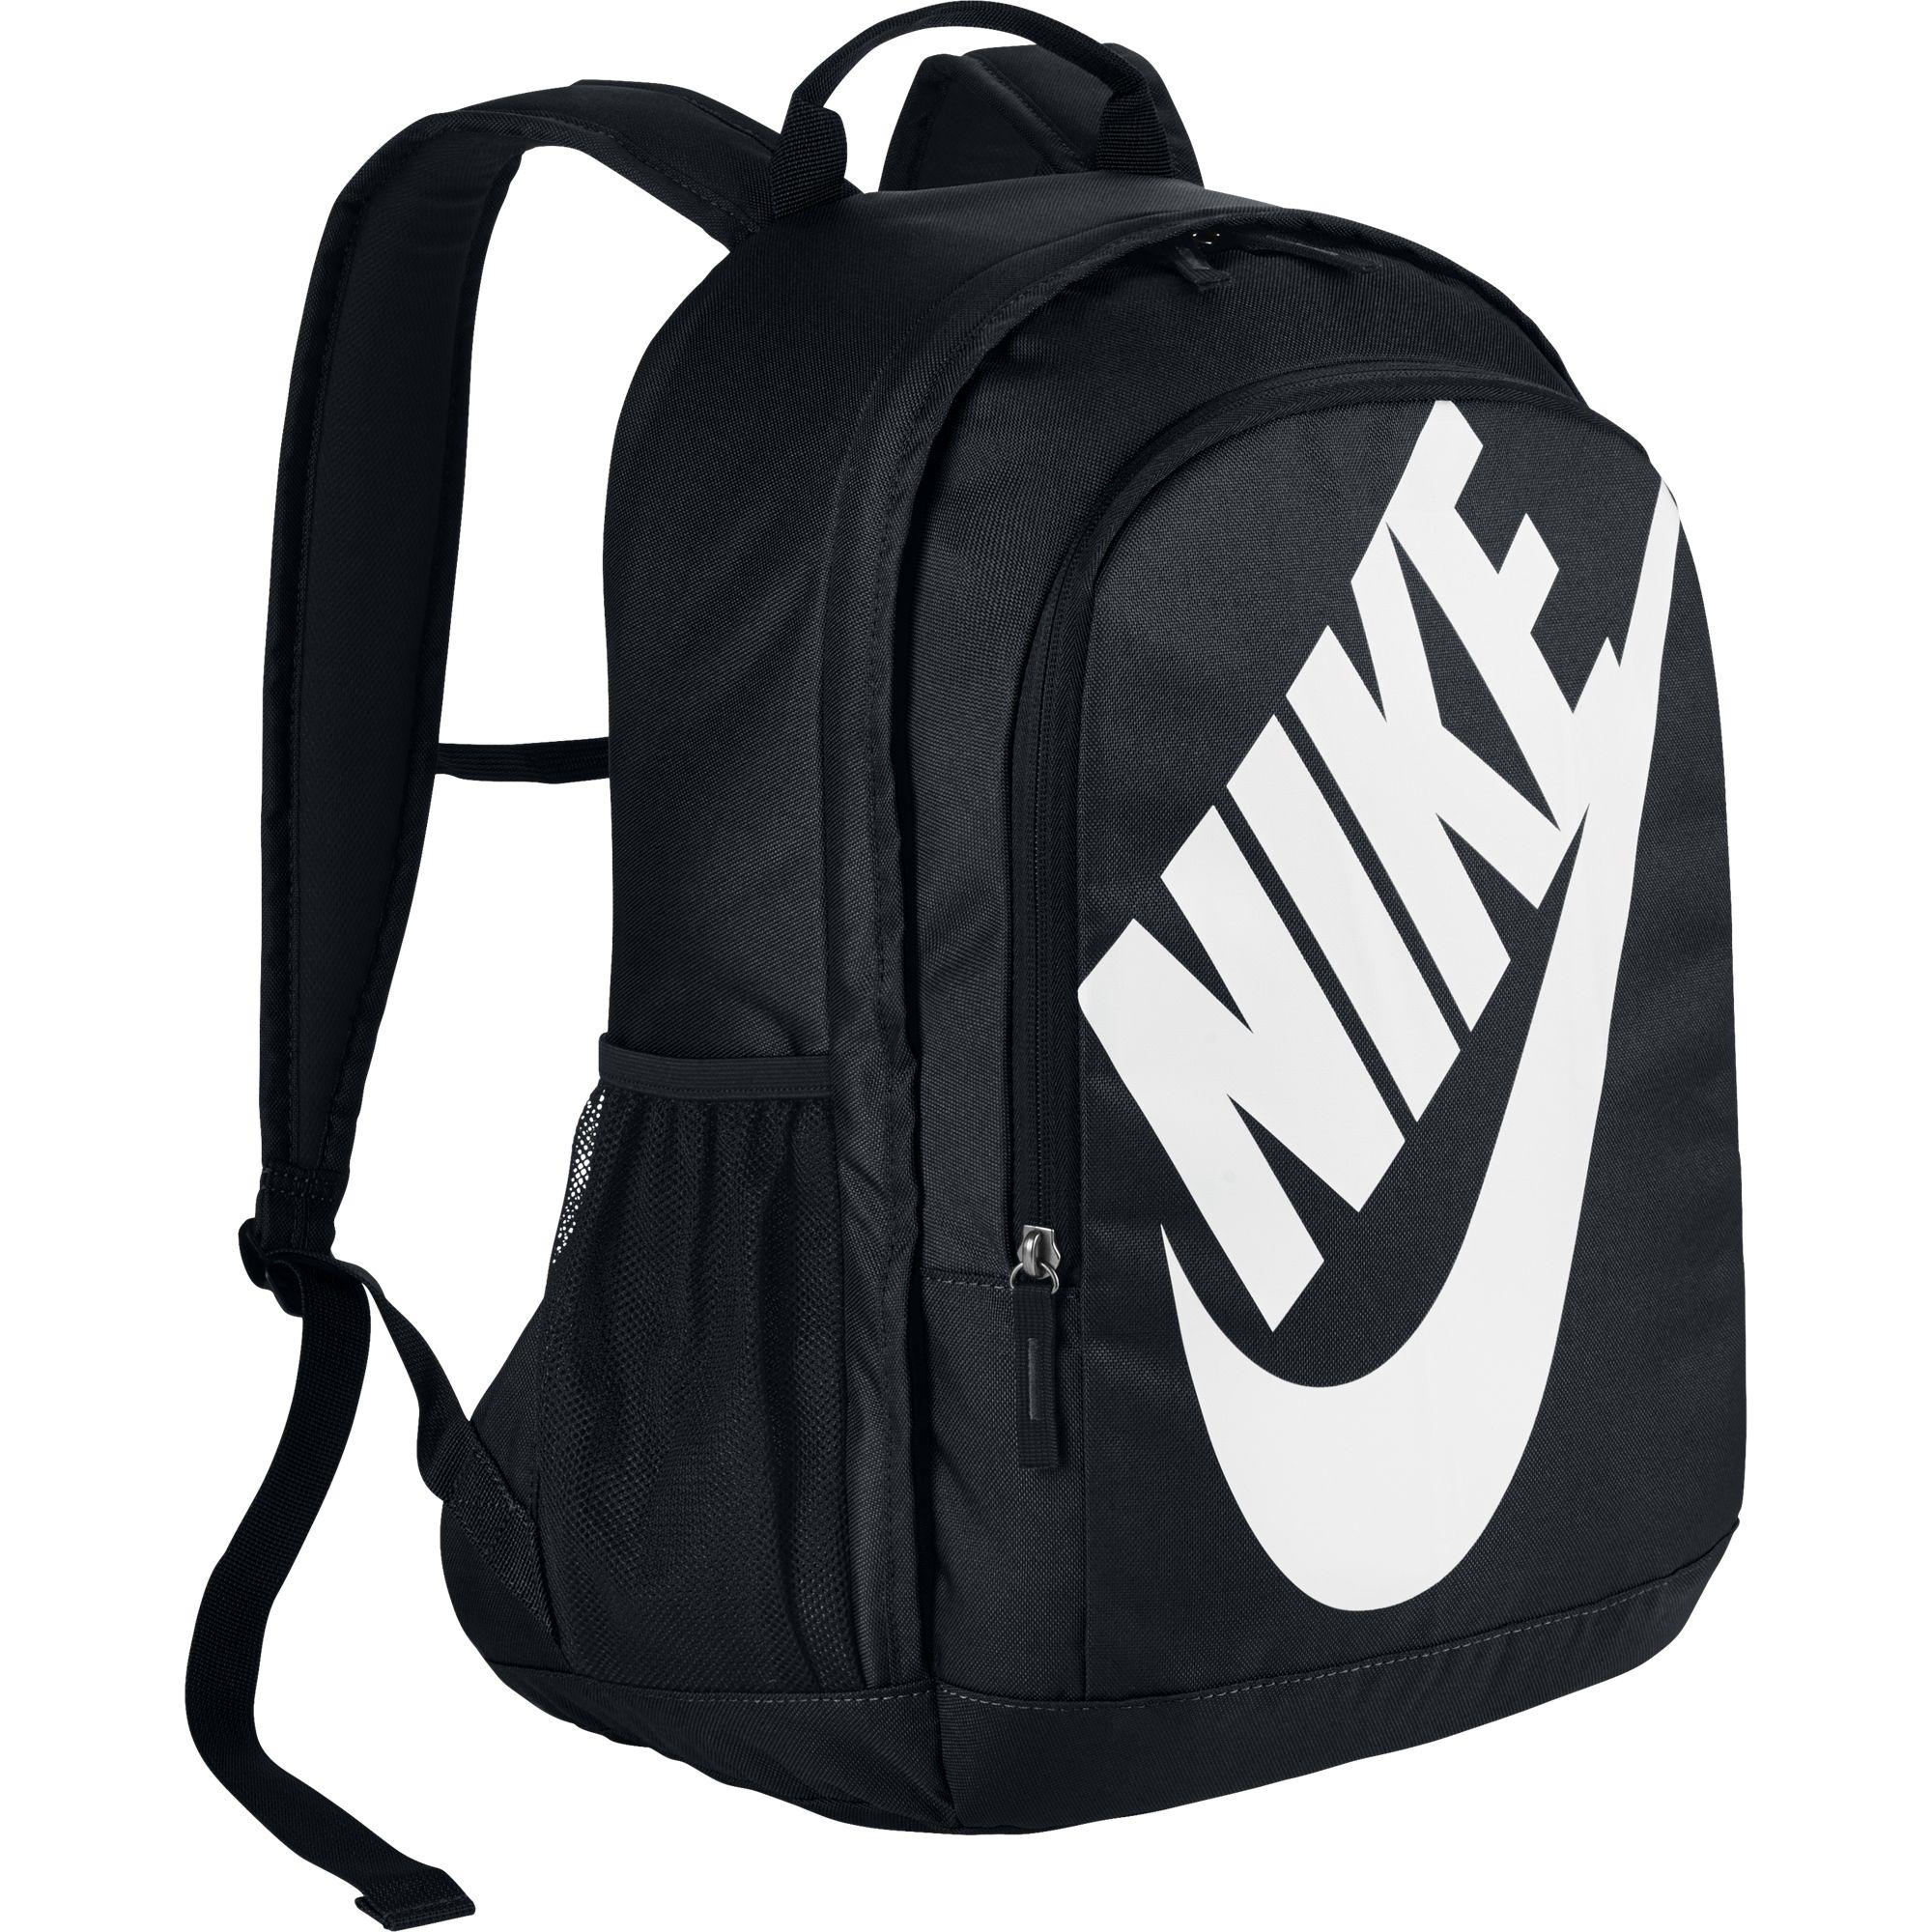 27a9a0bf48930 Plecak szkolny Nike Hayward Futura 2.0 BA5217-010 - 6875848635 ...